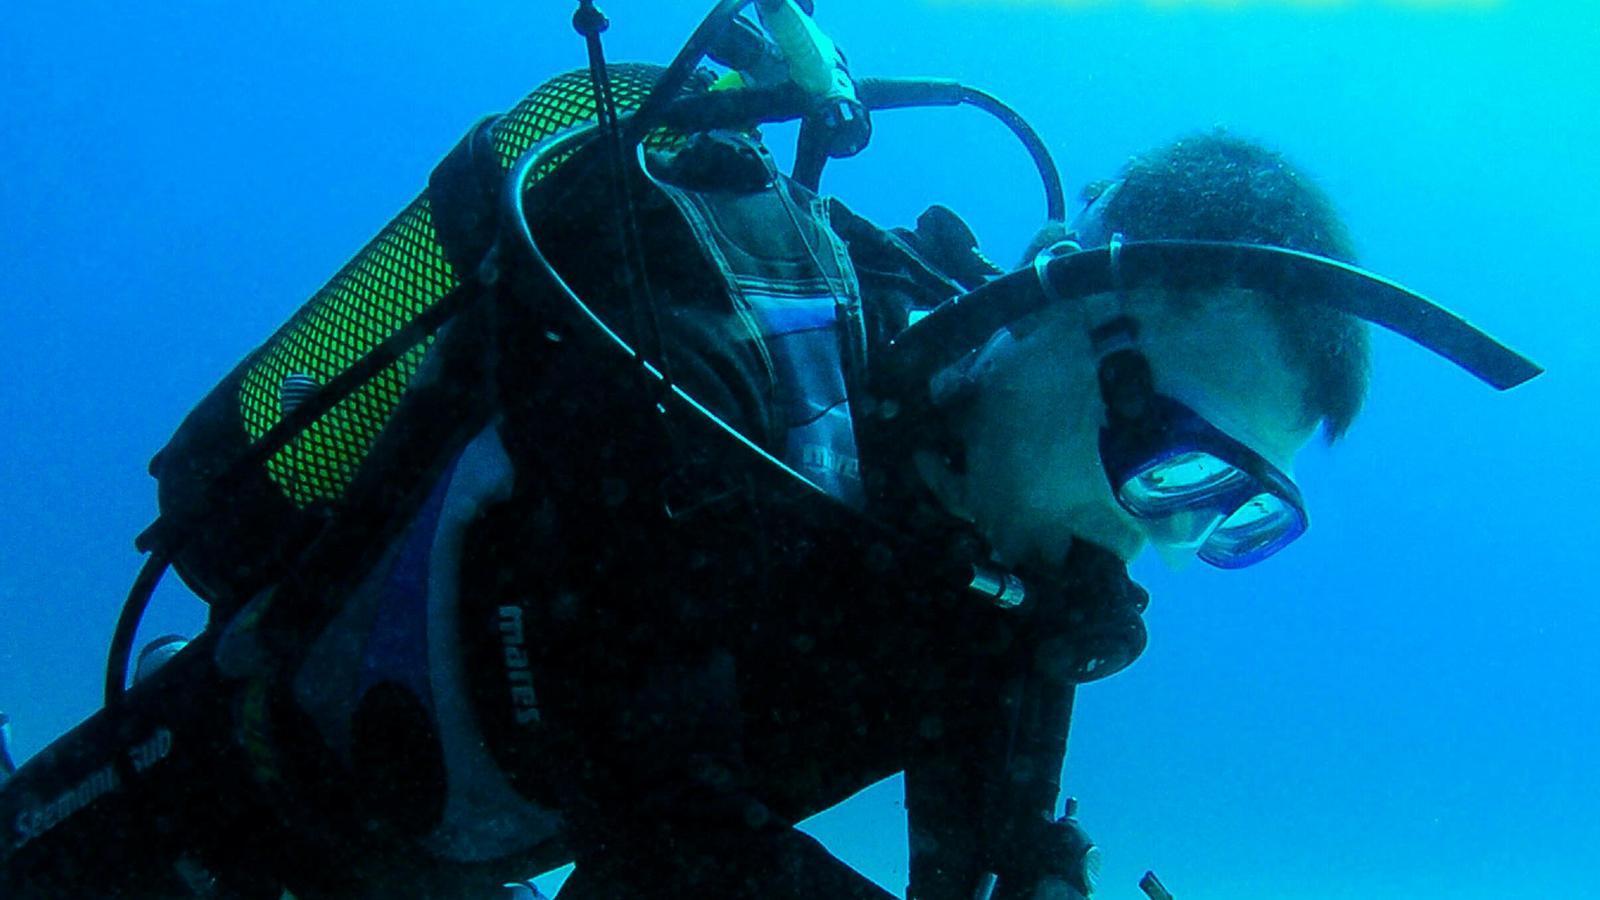 La ciència i la recerca marina protagonistes de dues exposicions fotogràfiques a Menorca